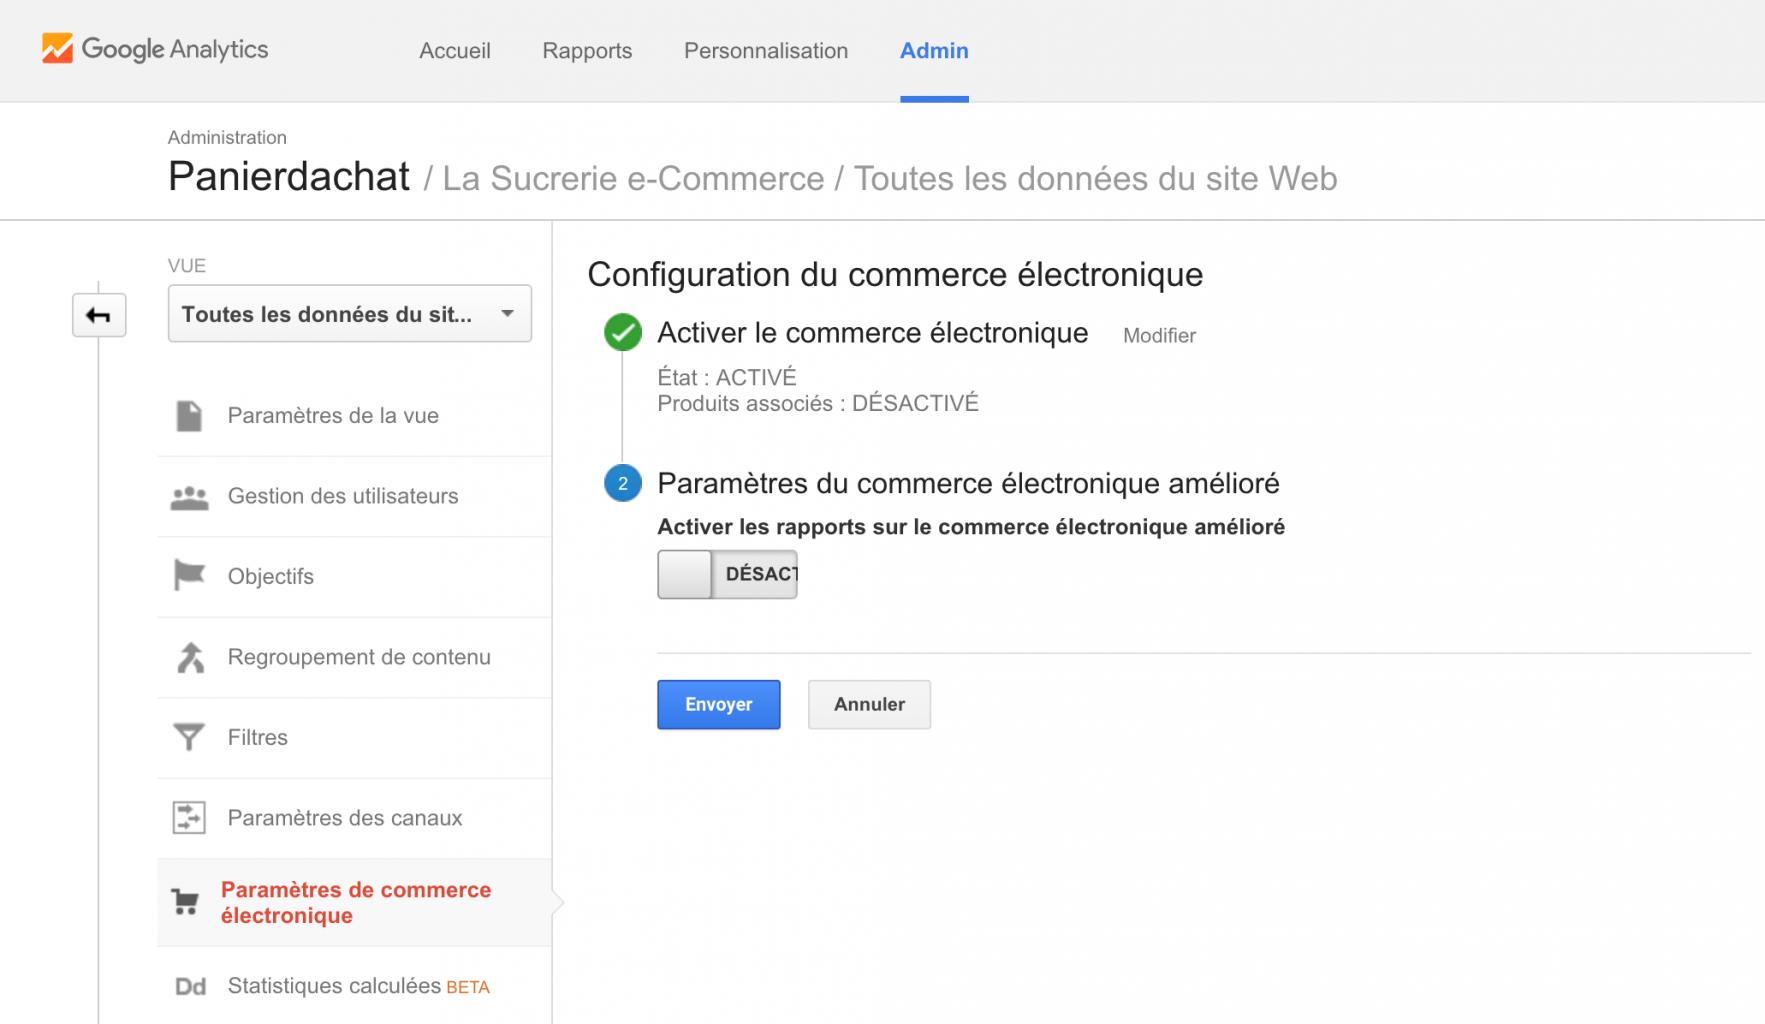 personnaliser-configuration-commerce-electronique-1765x1024